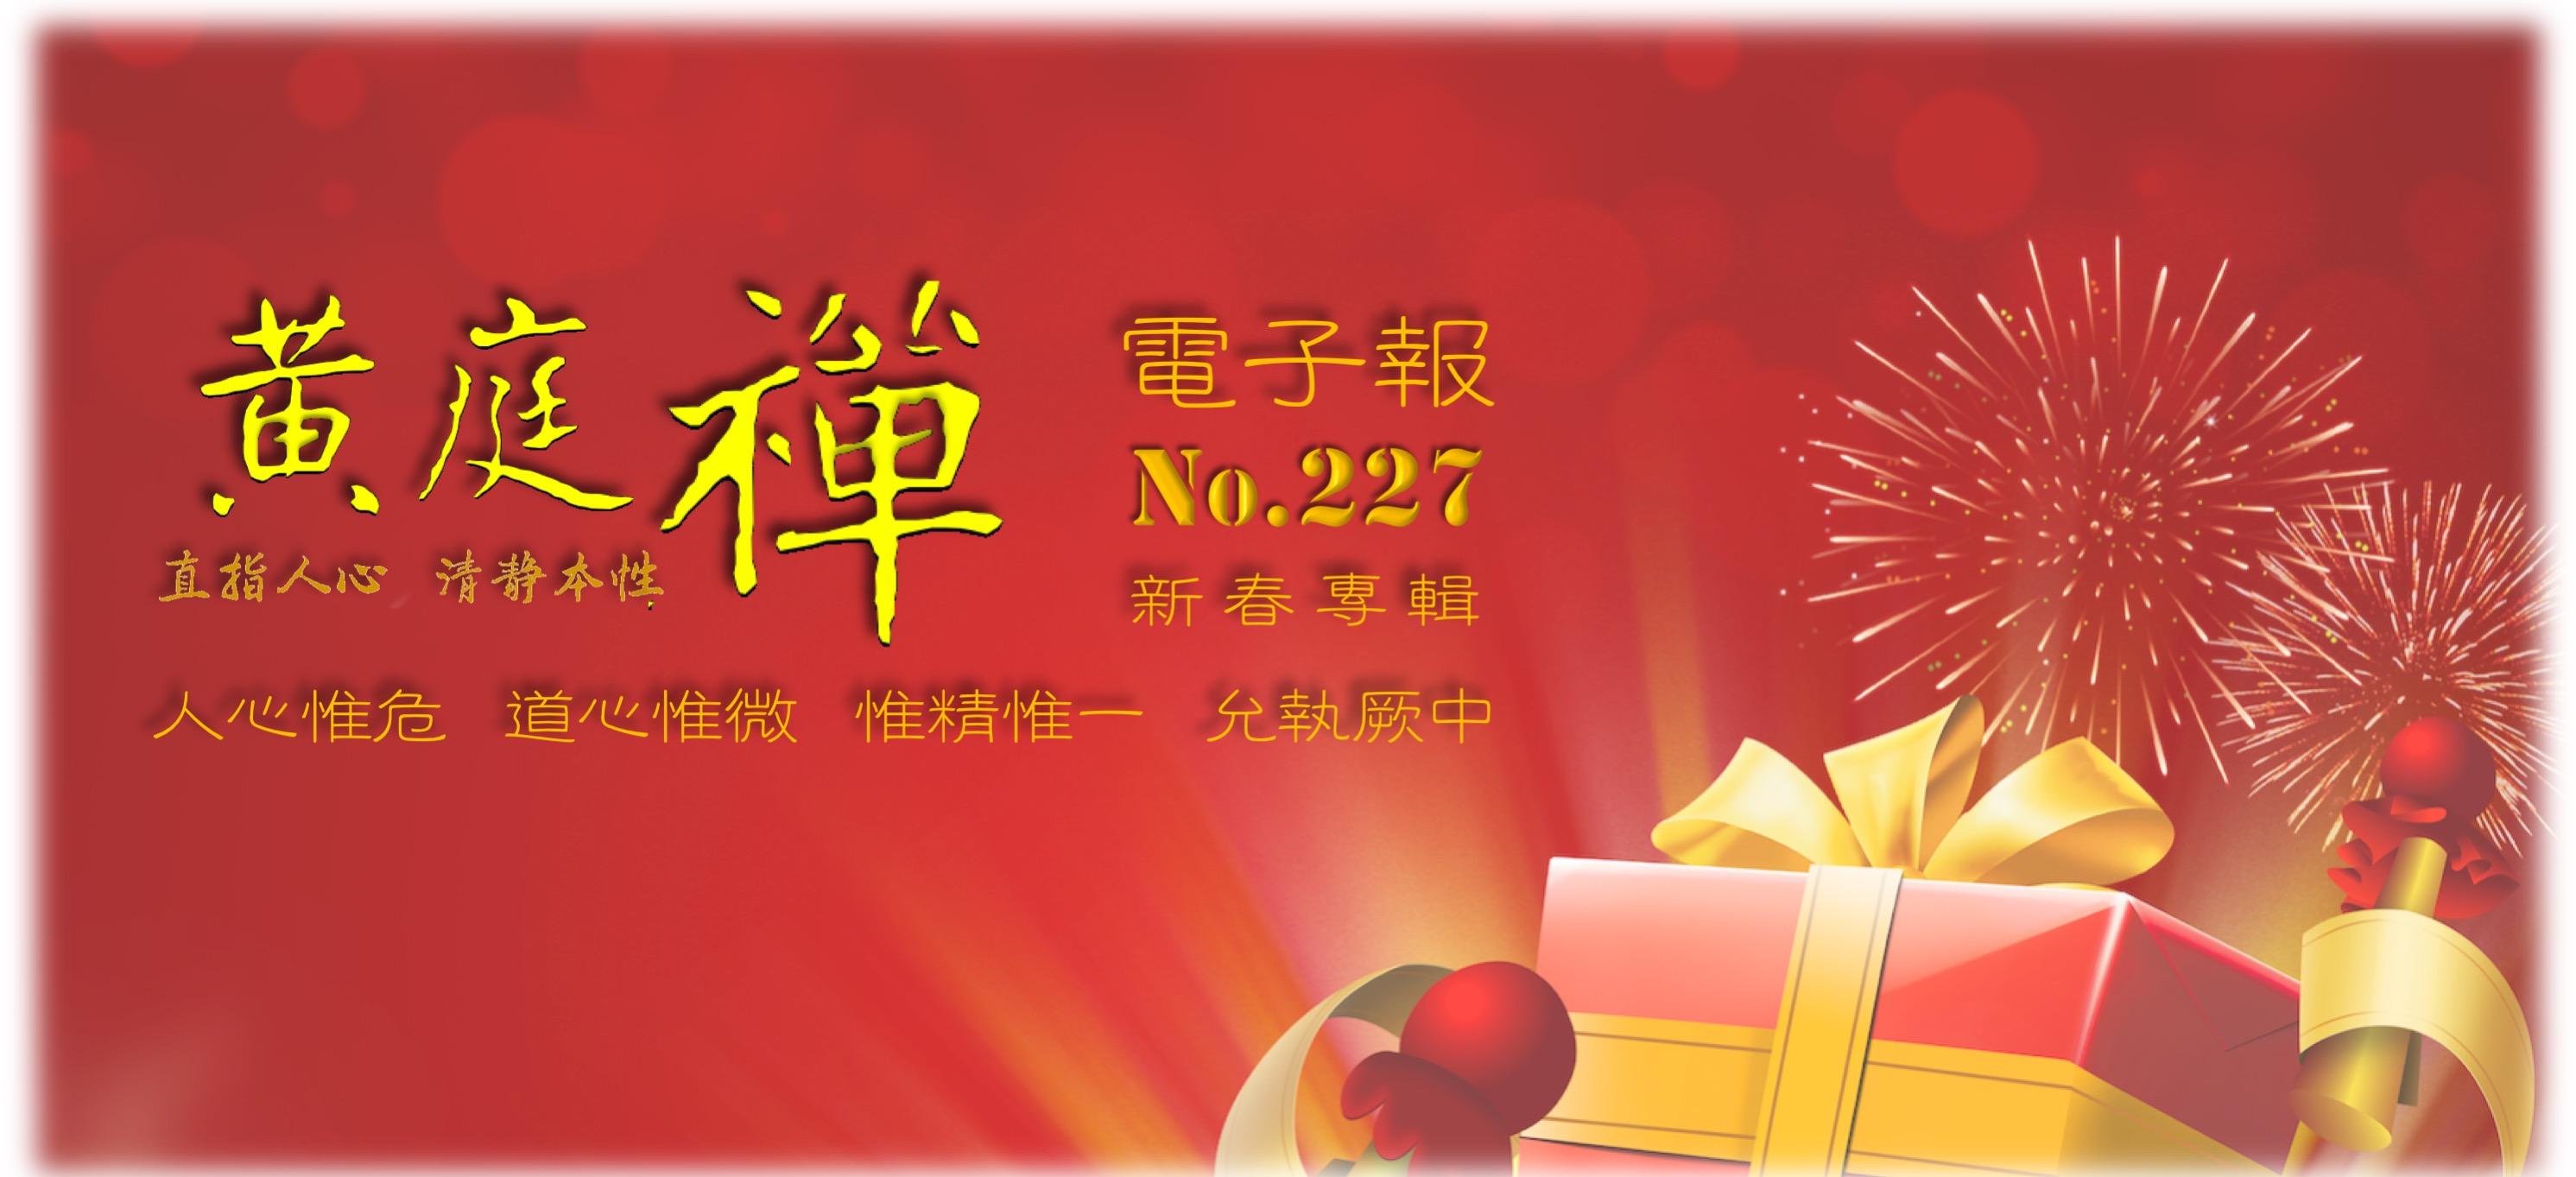 中华黄庭禅学会2017.02.11电子报